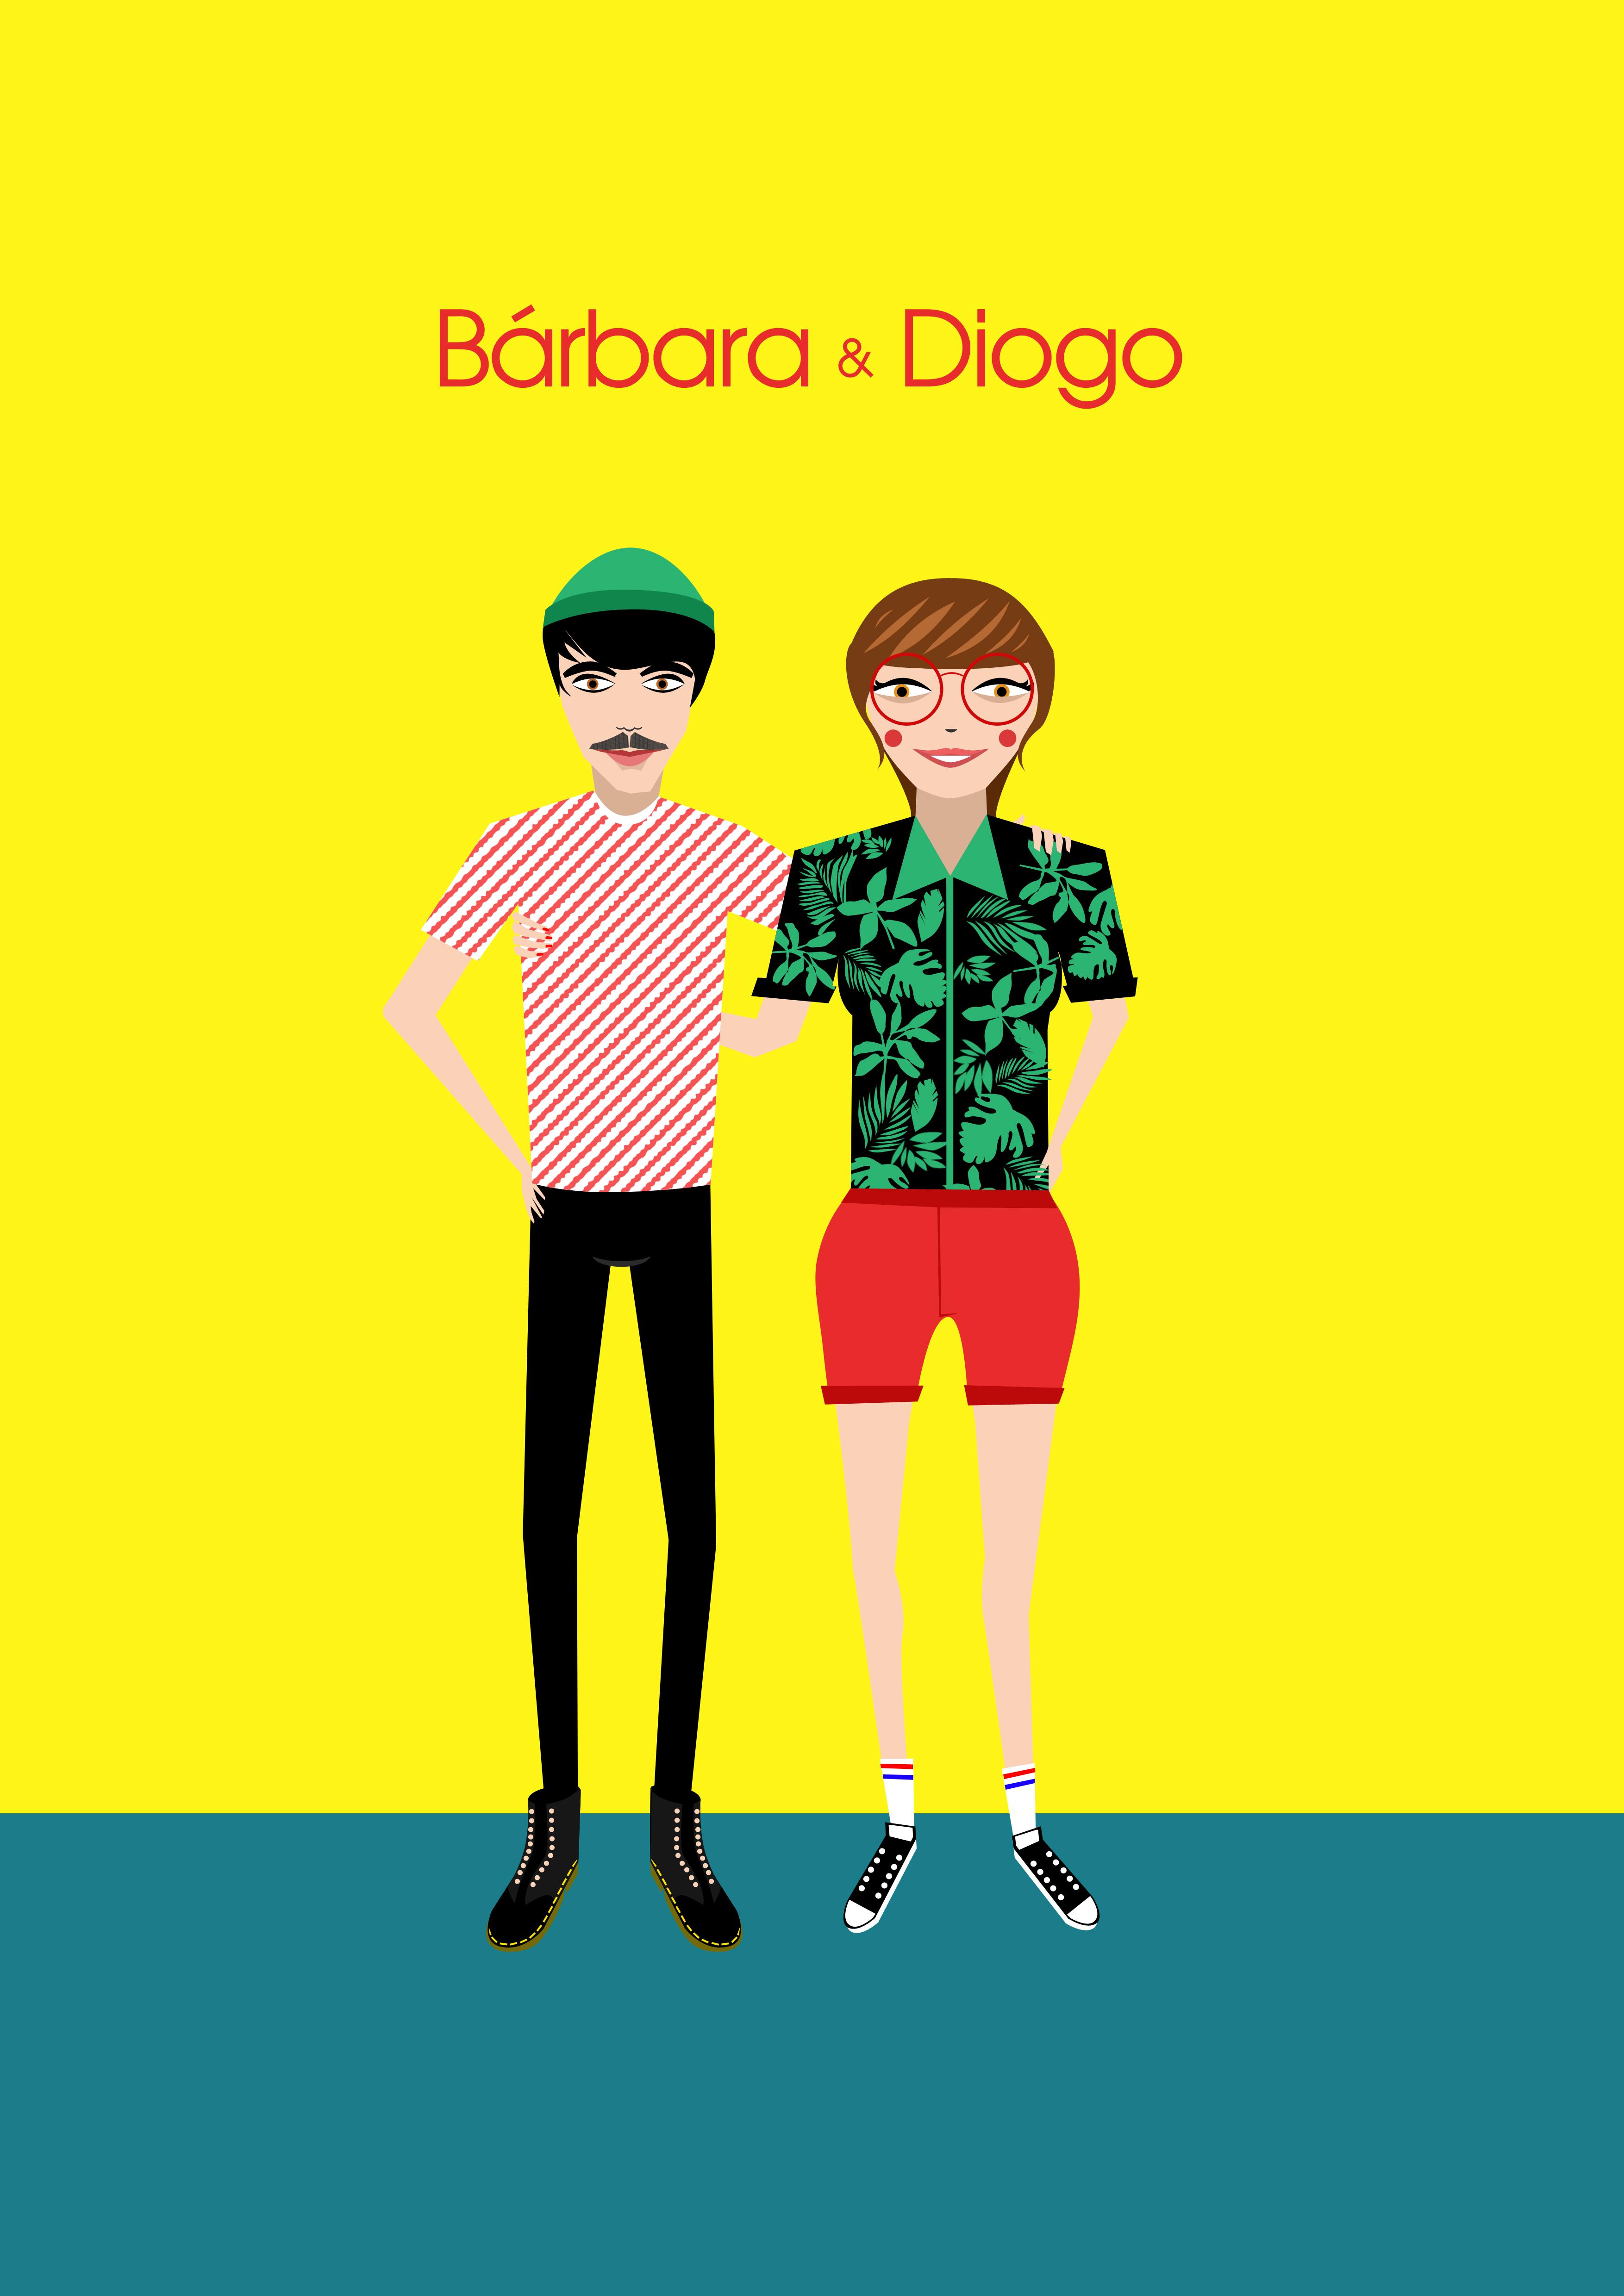 barbara & diogo